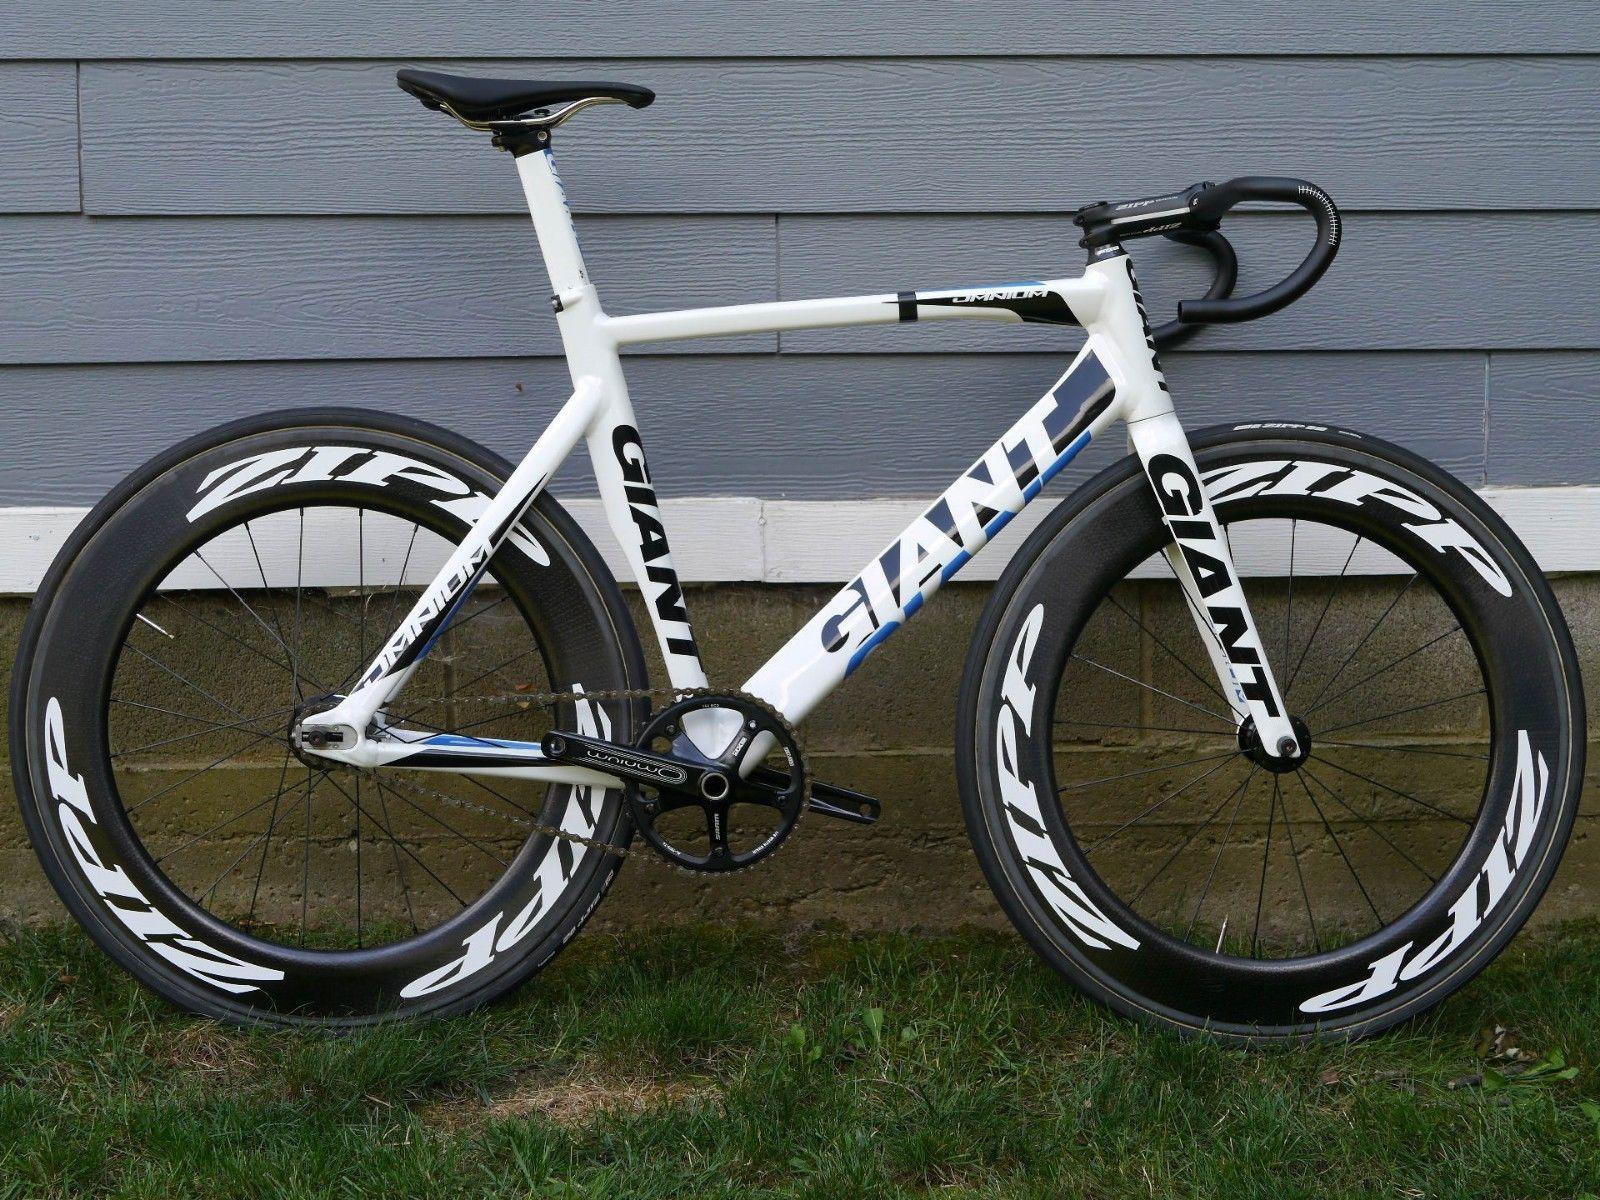 2014 Giant Omnium M L Aero Aluminum Fixed Gear Track Bike Zipp 808 Wheels Https T Co Amtx1teehu Https T Co Amtx1teehu Track Bike Bike Fixie Bike